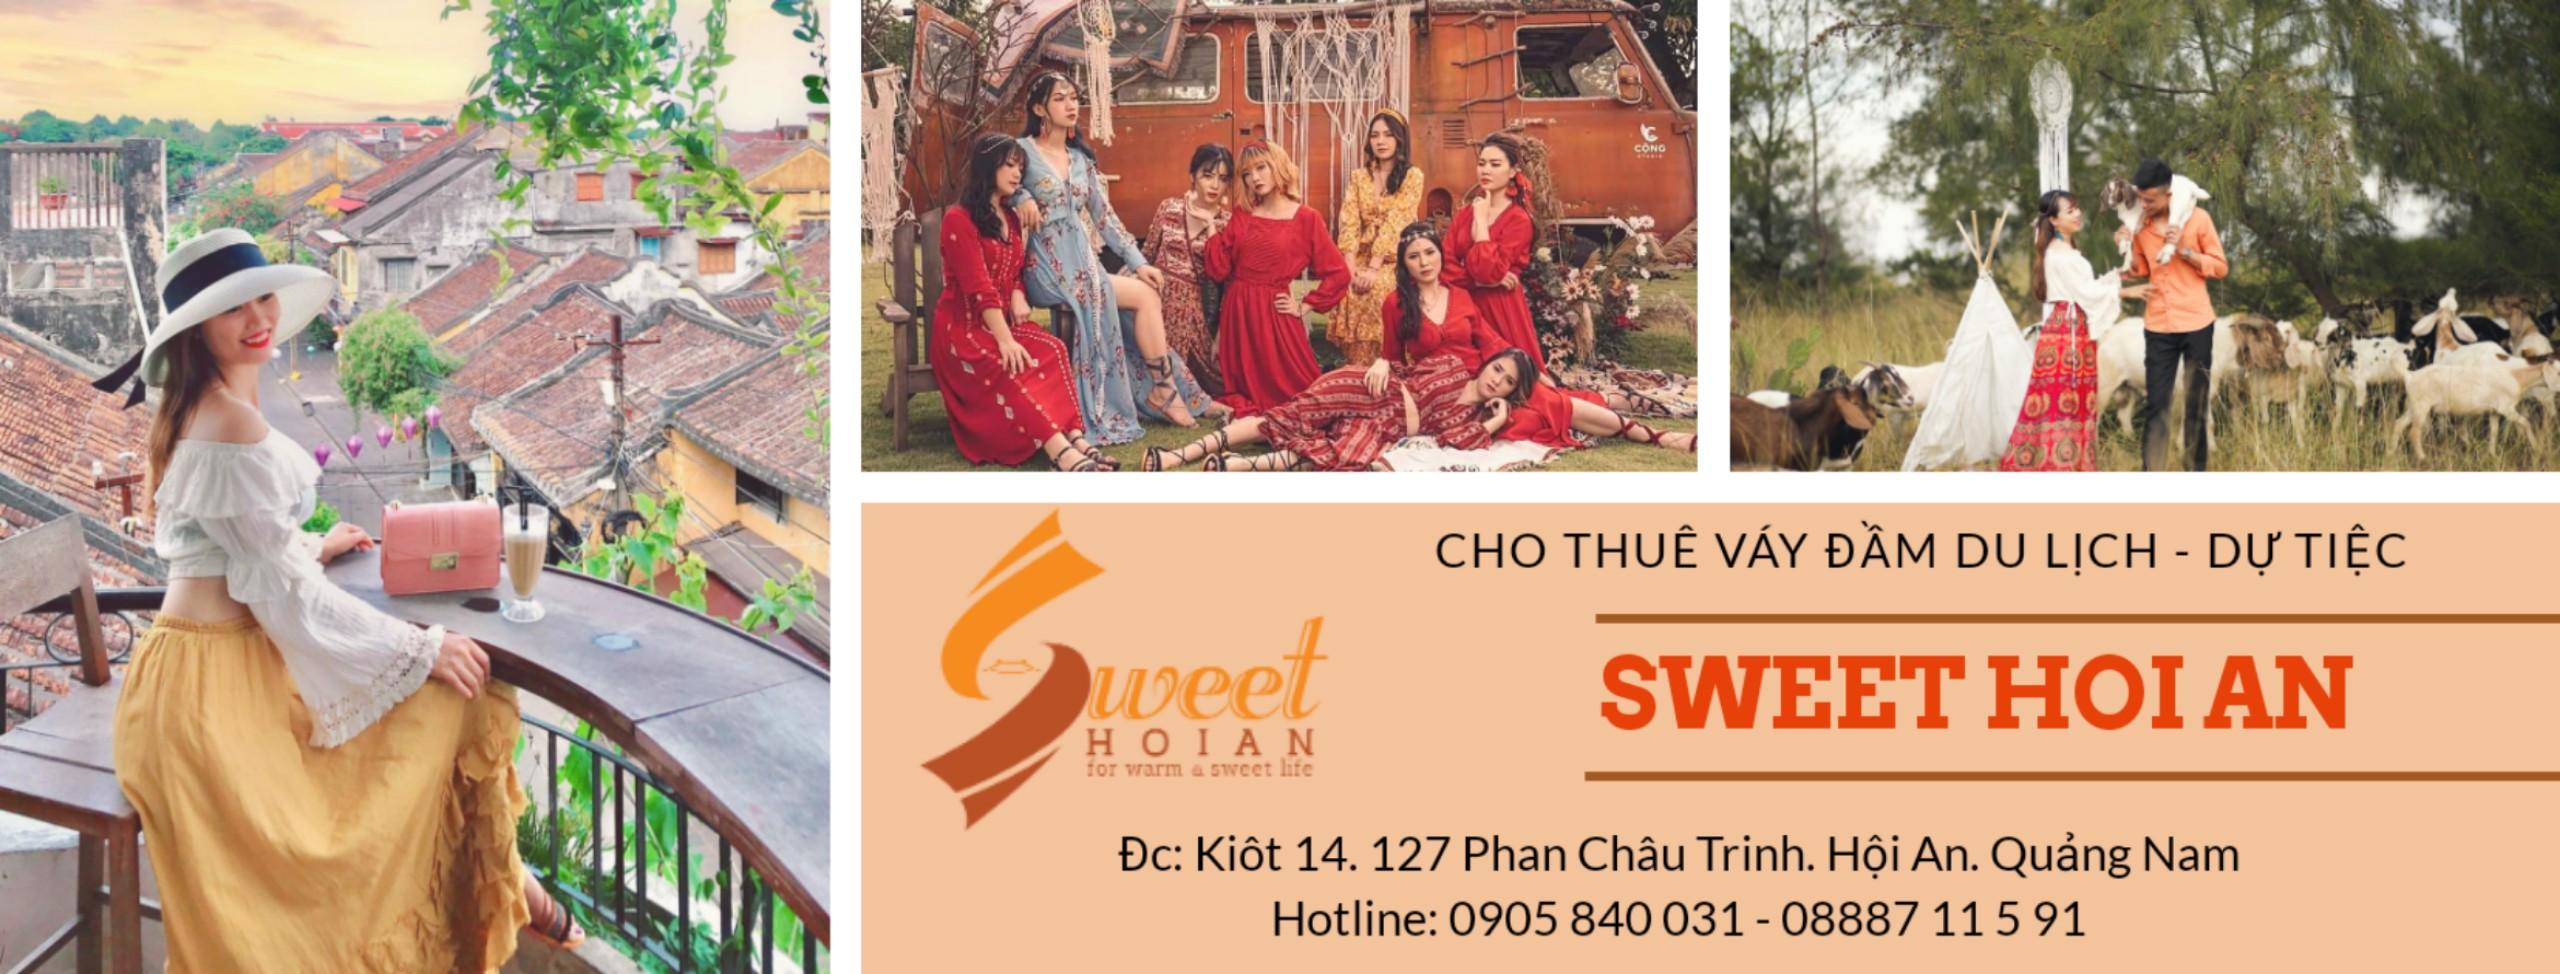 Sweet Hoi An - Cho Thuê Việt Cổ Phục & Váy Đầm Du Lịch tại Hội An